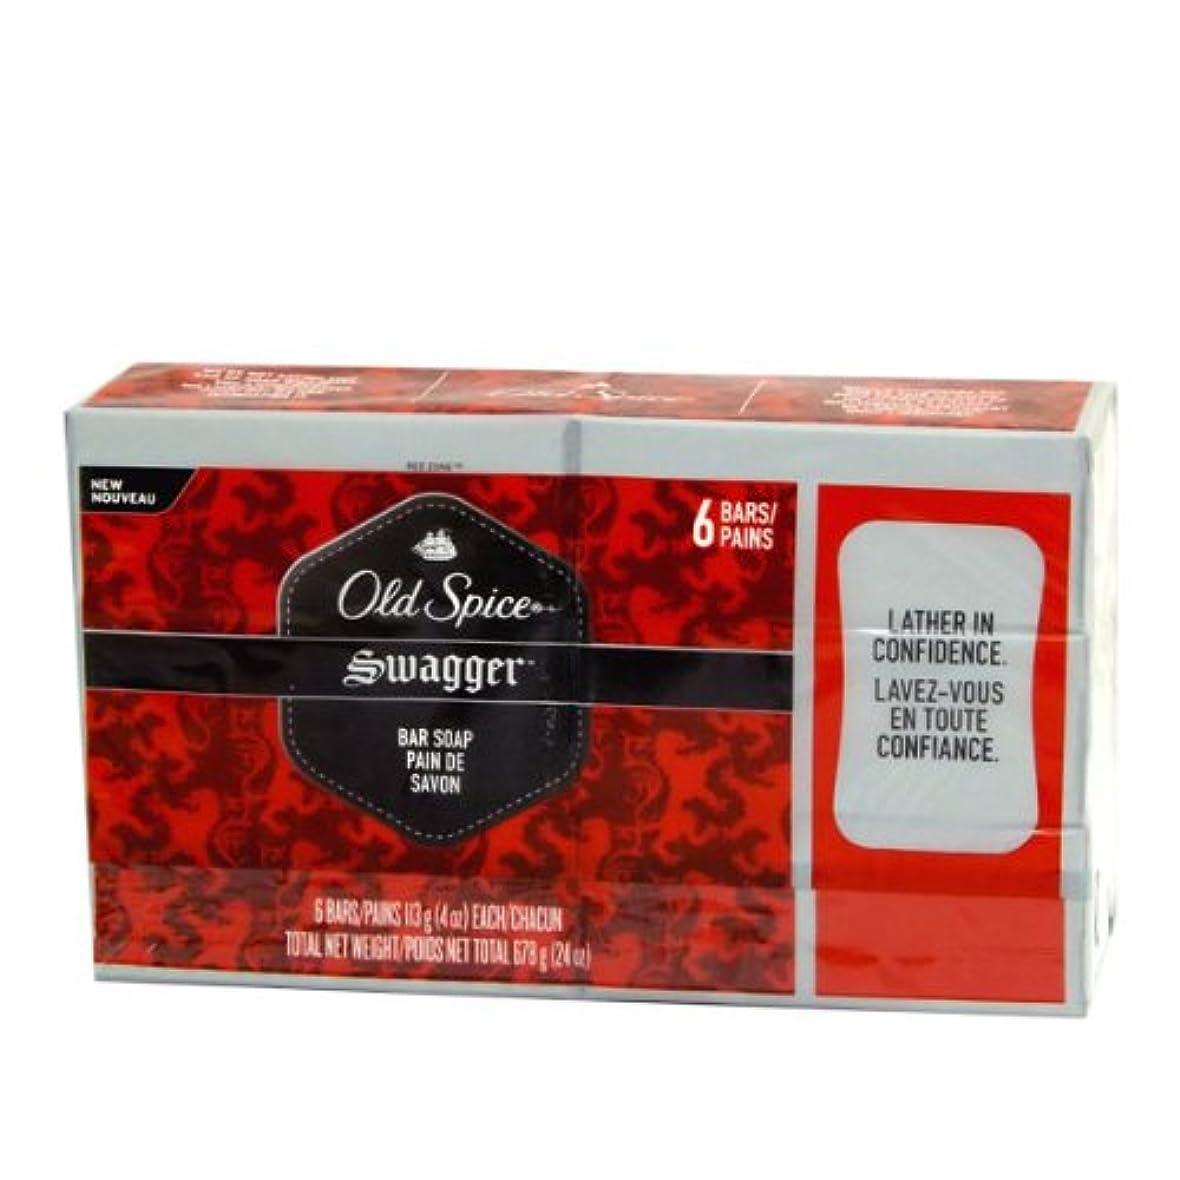 名目上の法医学栄光Old spice bar soap swagger オールドスパイス バーソープ スワガー (石鹸) 6個パック [並行輸入品]